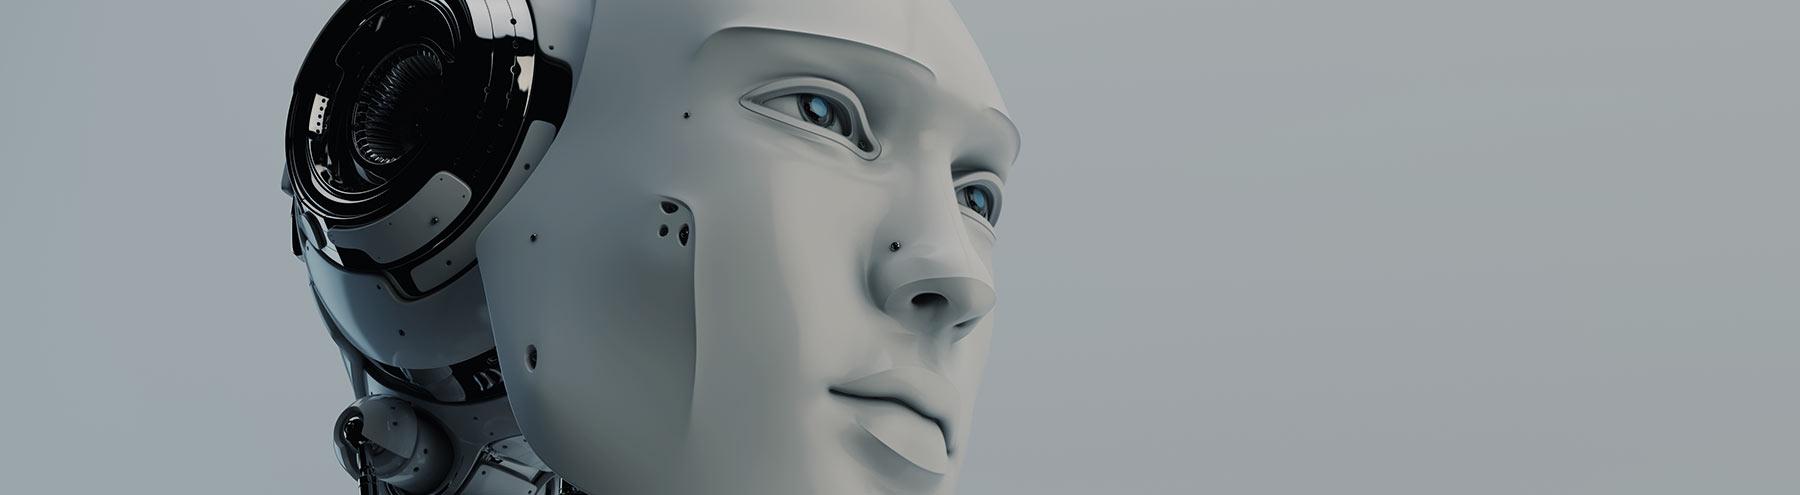 חדשנות דיגיטלית: כשהטכנולוגיה הופכת לערך